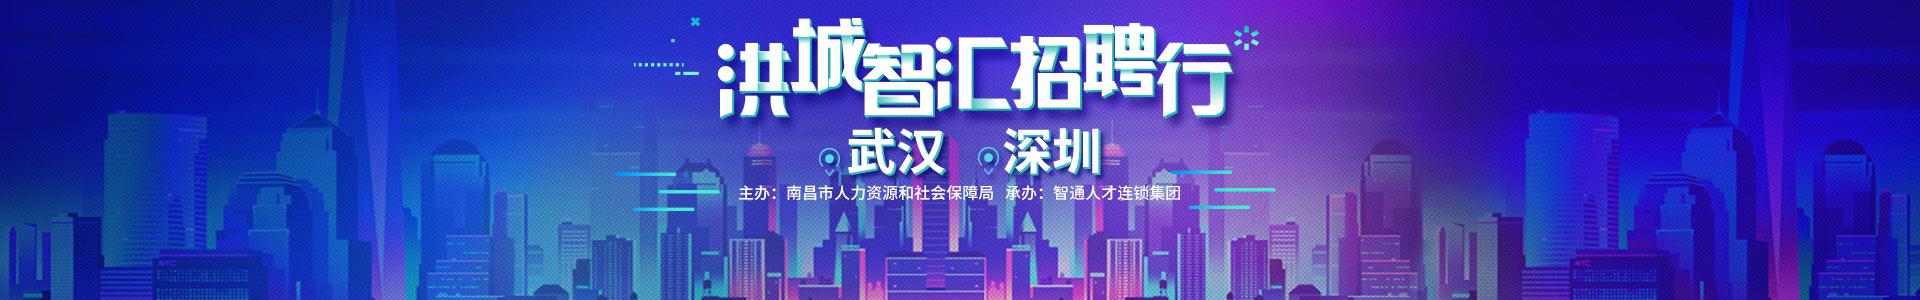 洪城智汇招聘行—(武汉、深圳)站